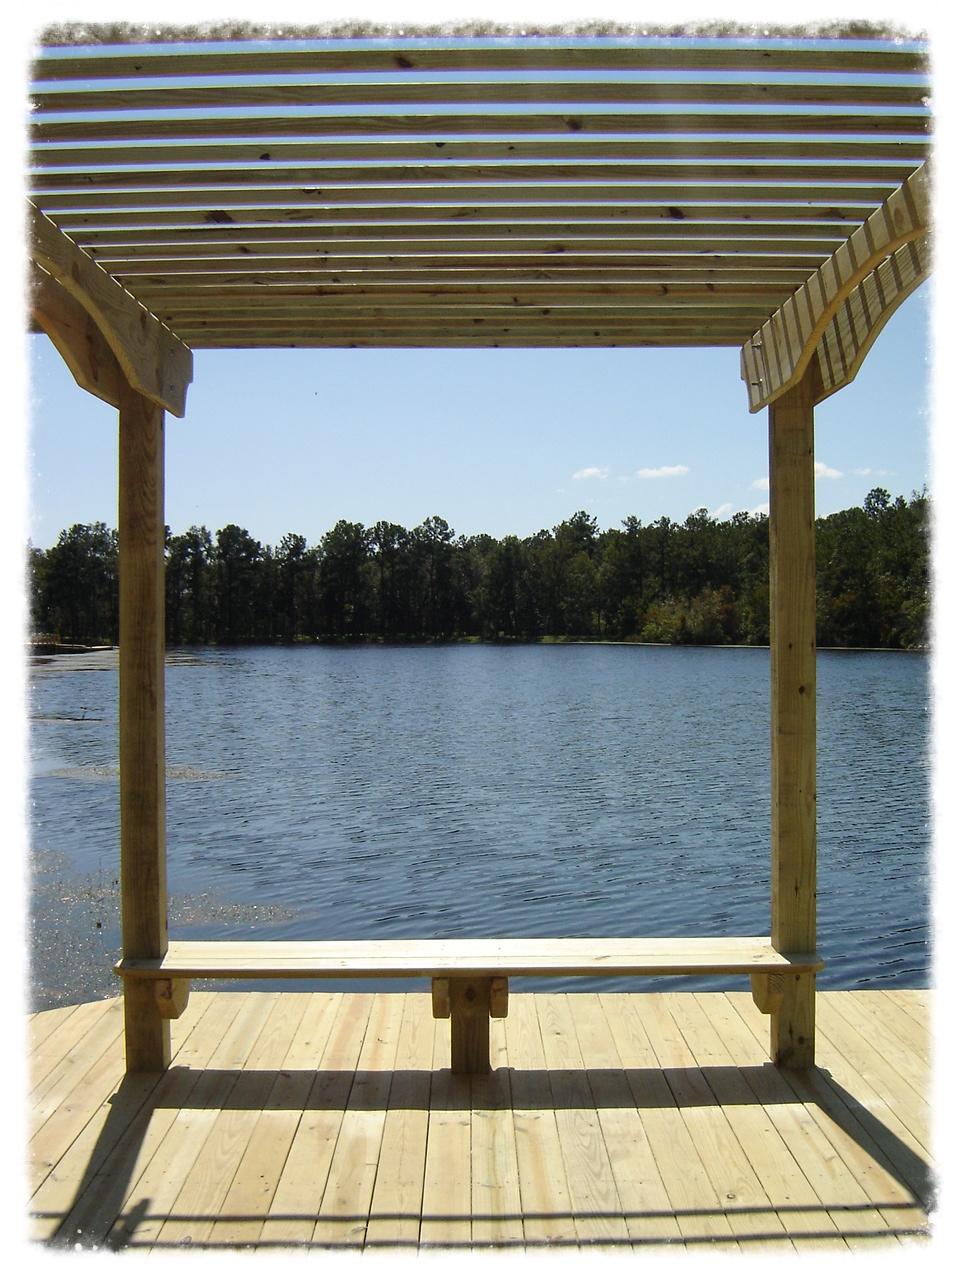 Dock with Pergola on Lake